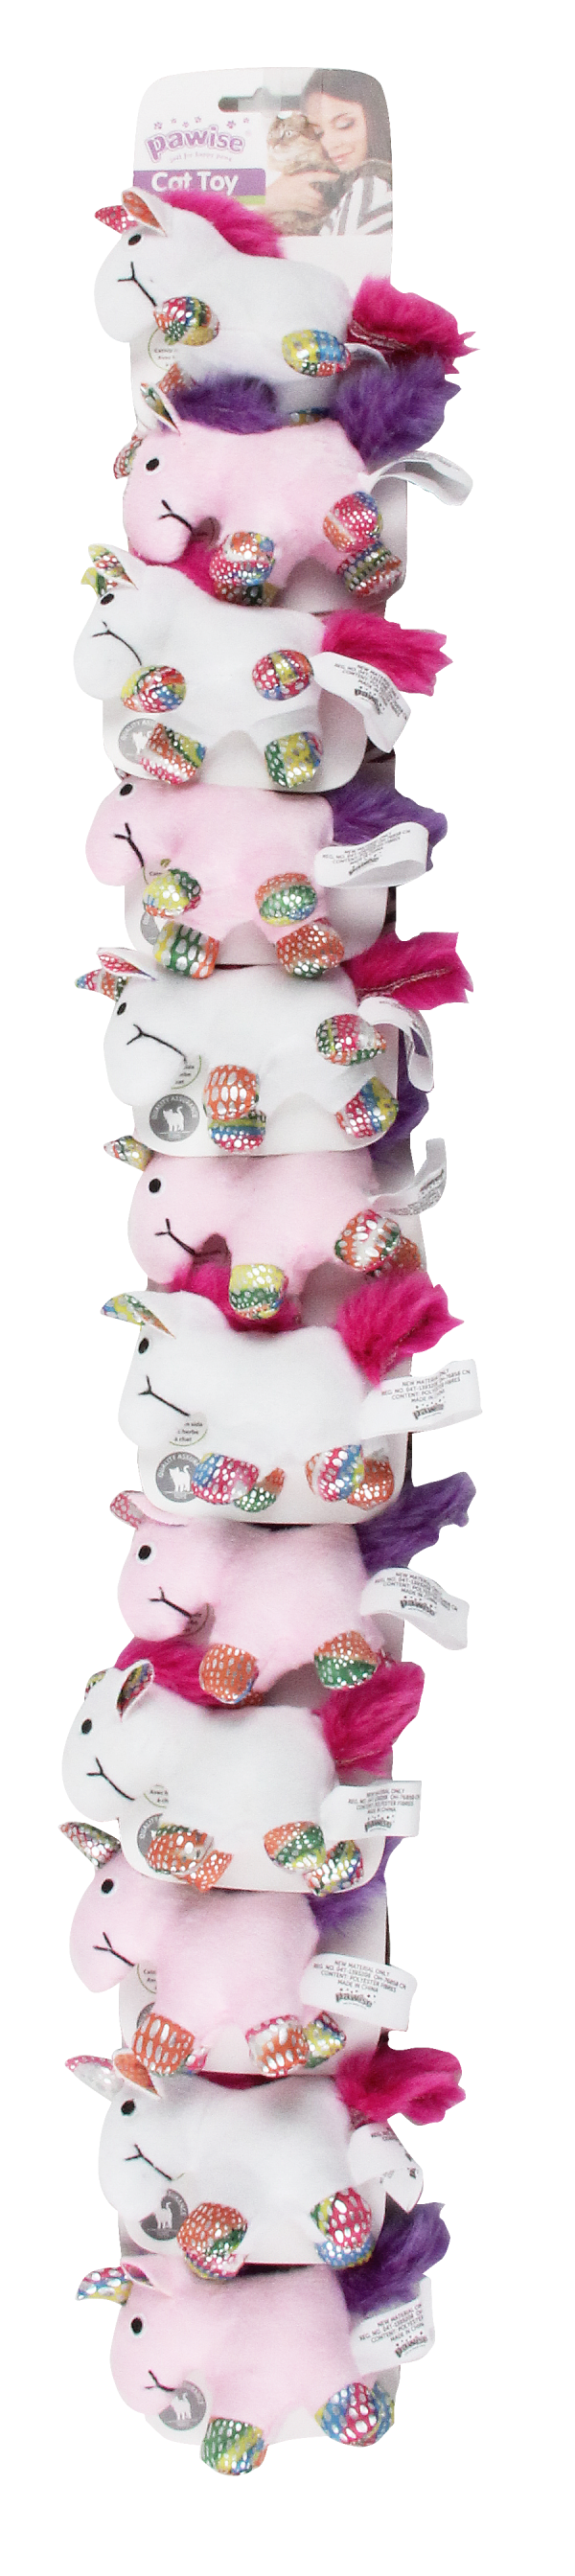 Pawise Cat toy-unicorn